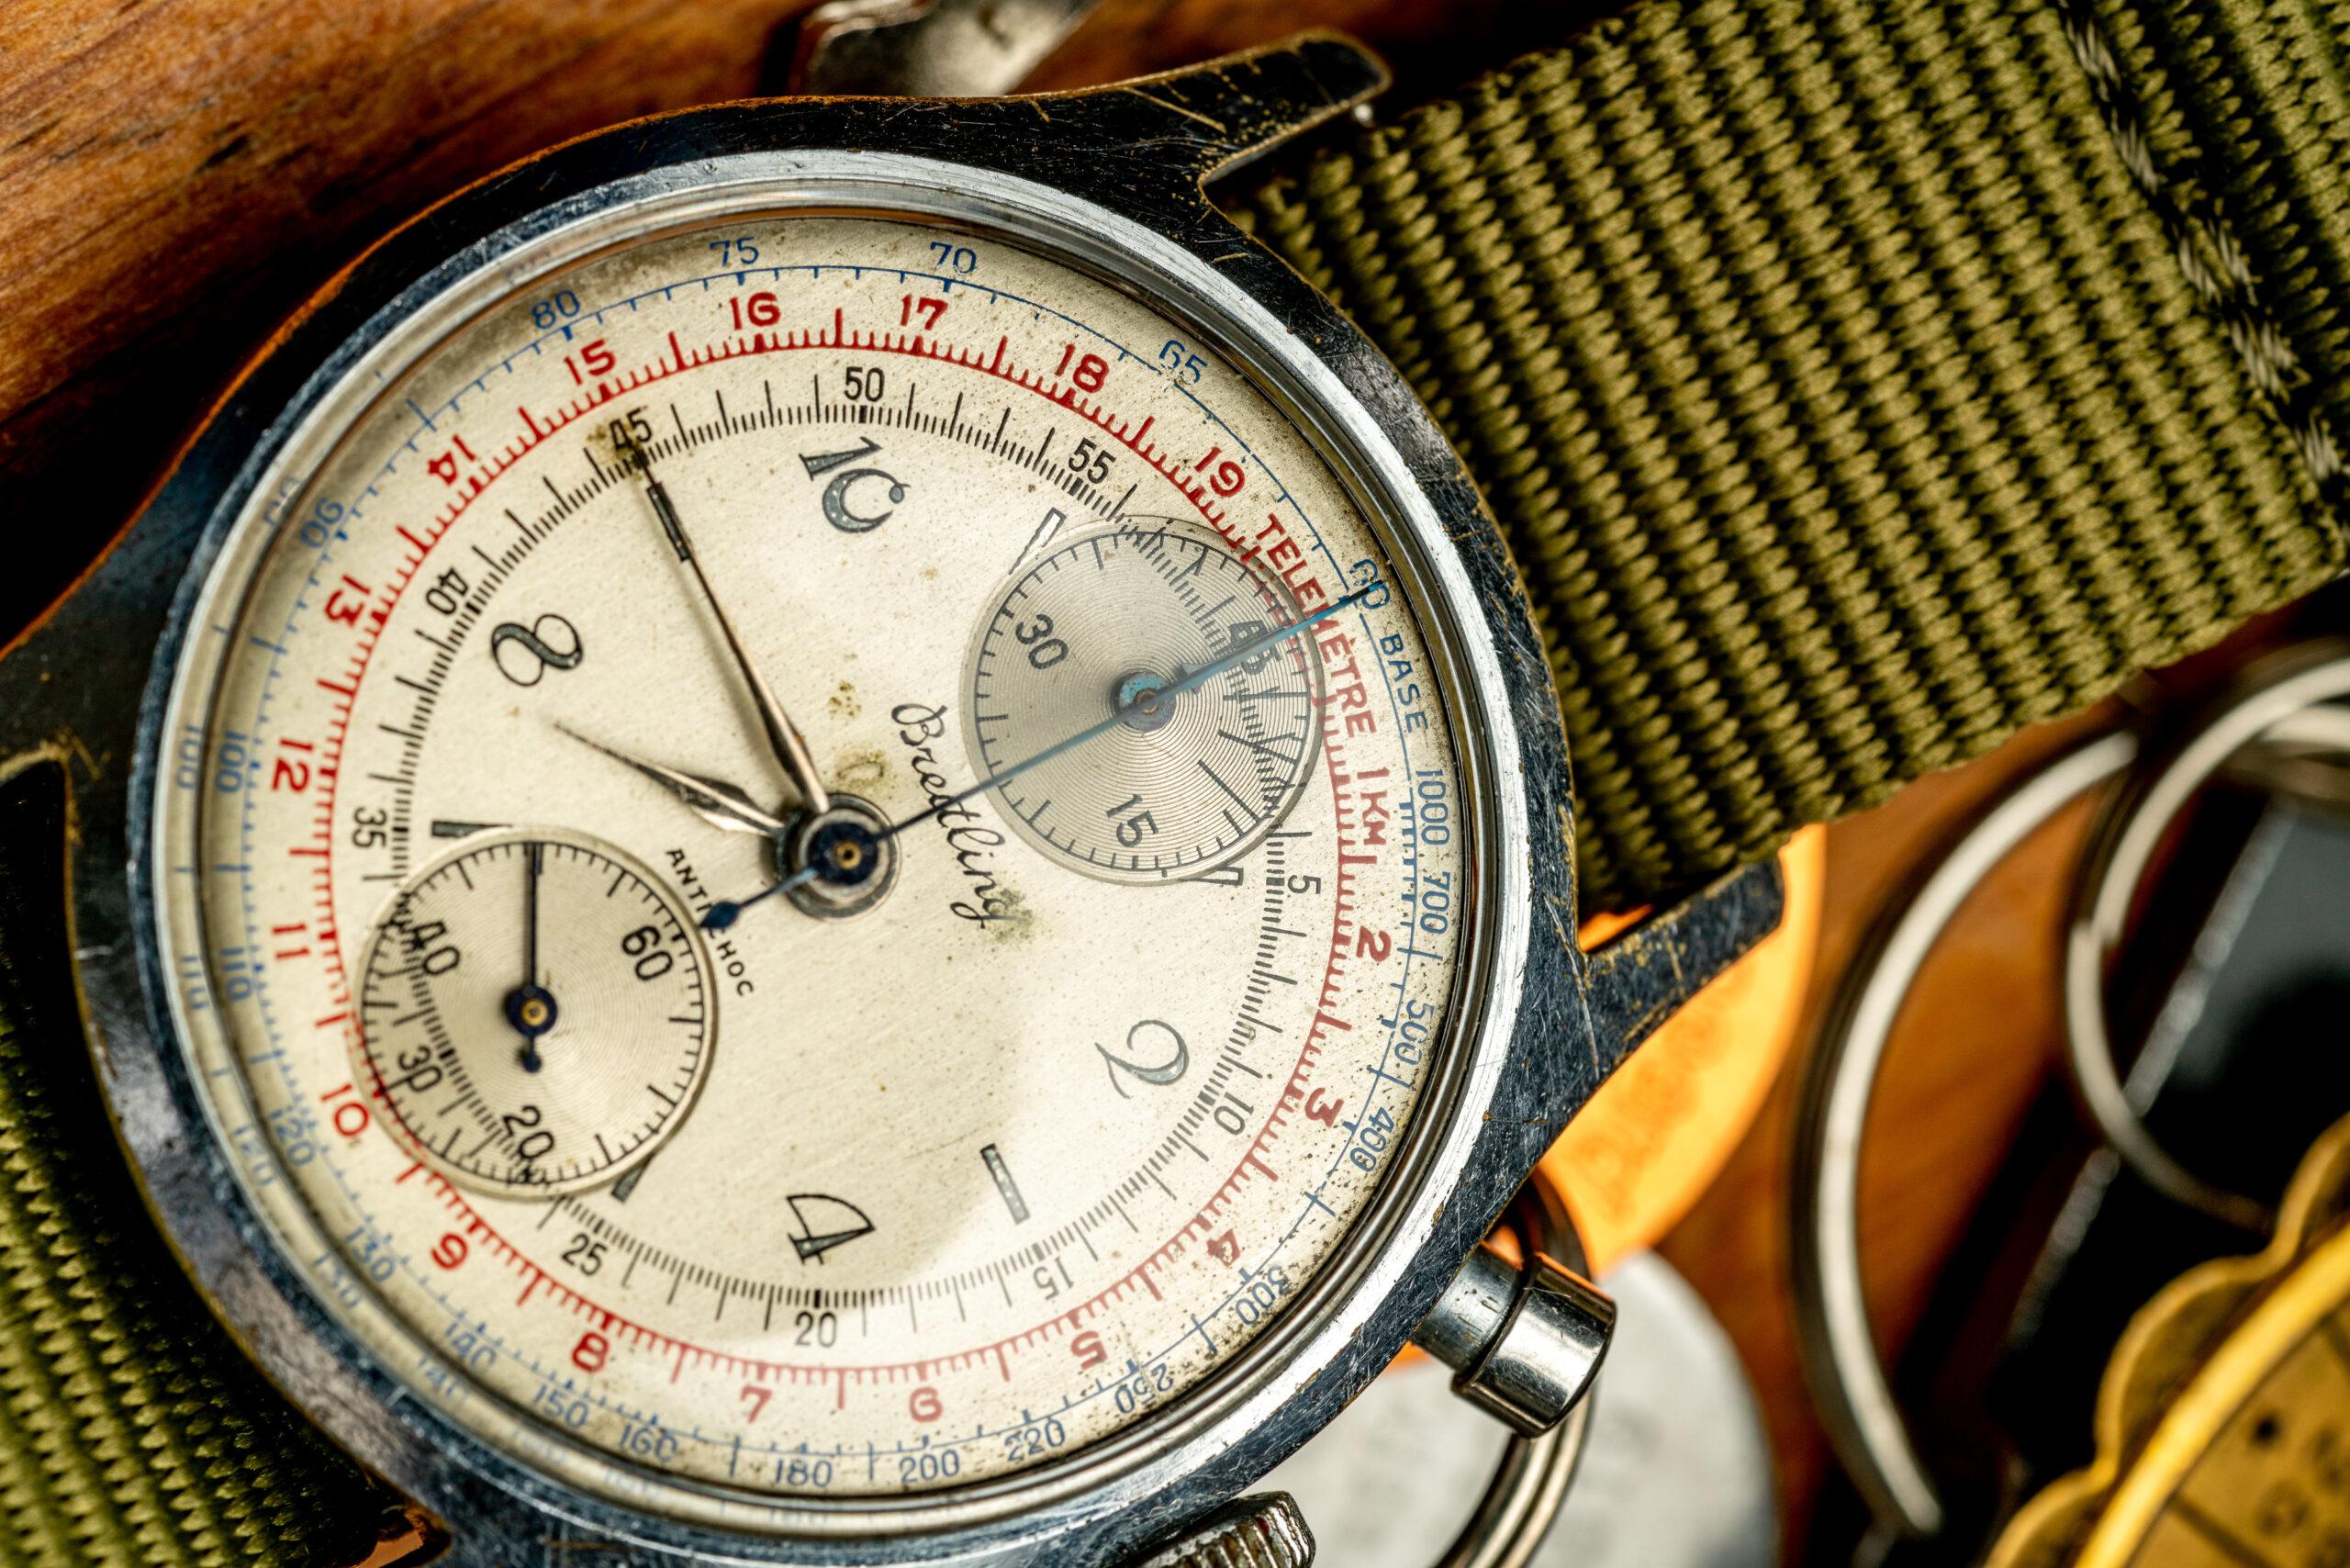 vintage breitling chronograaf verchroomd tachymeter horloge wijzerplaat